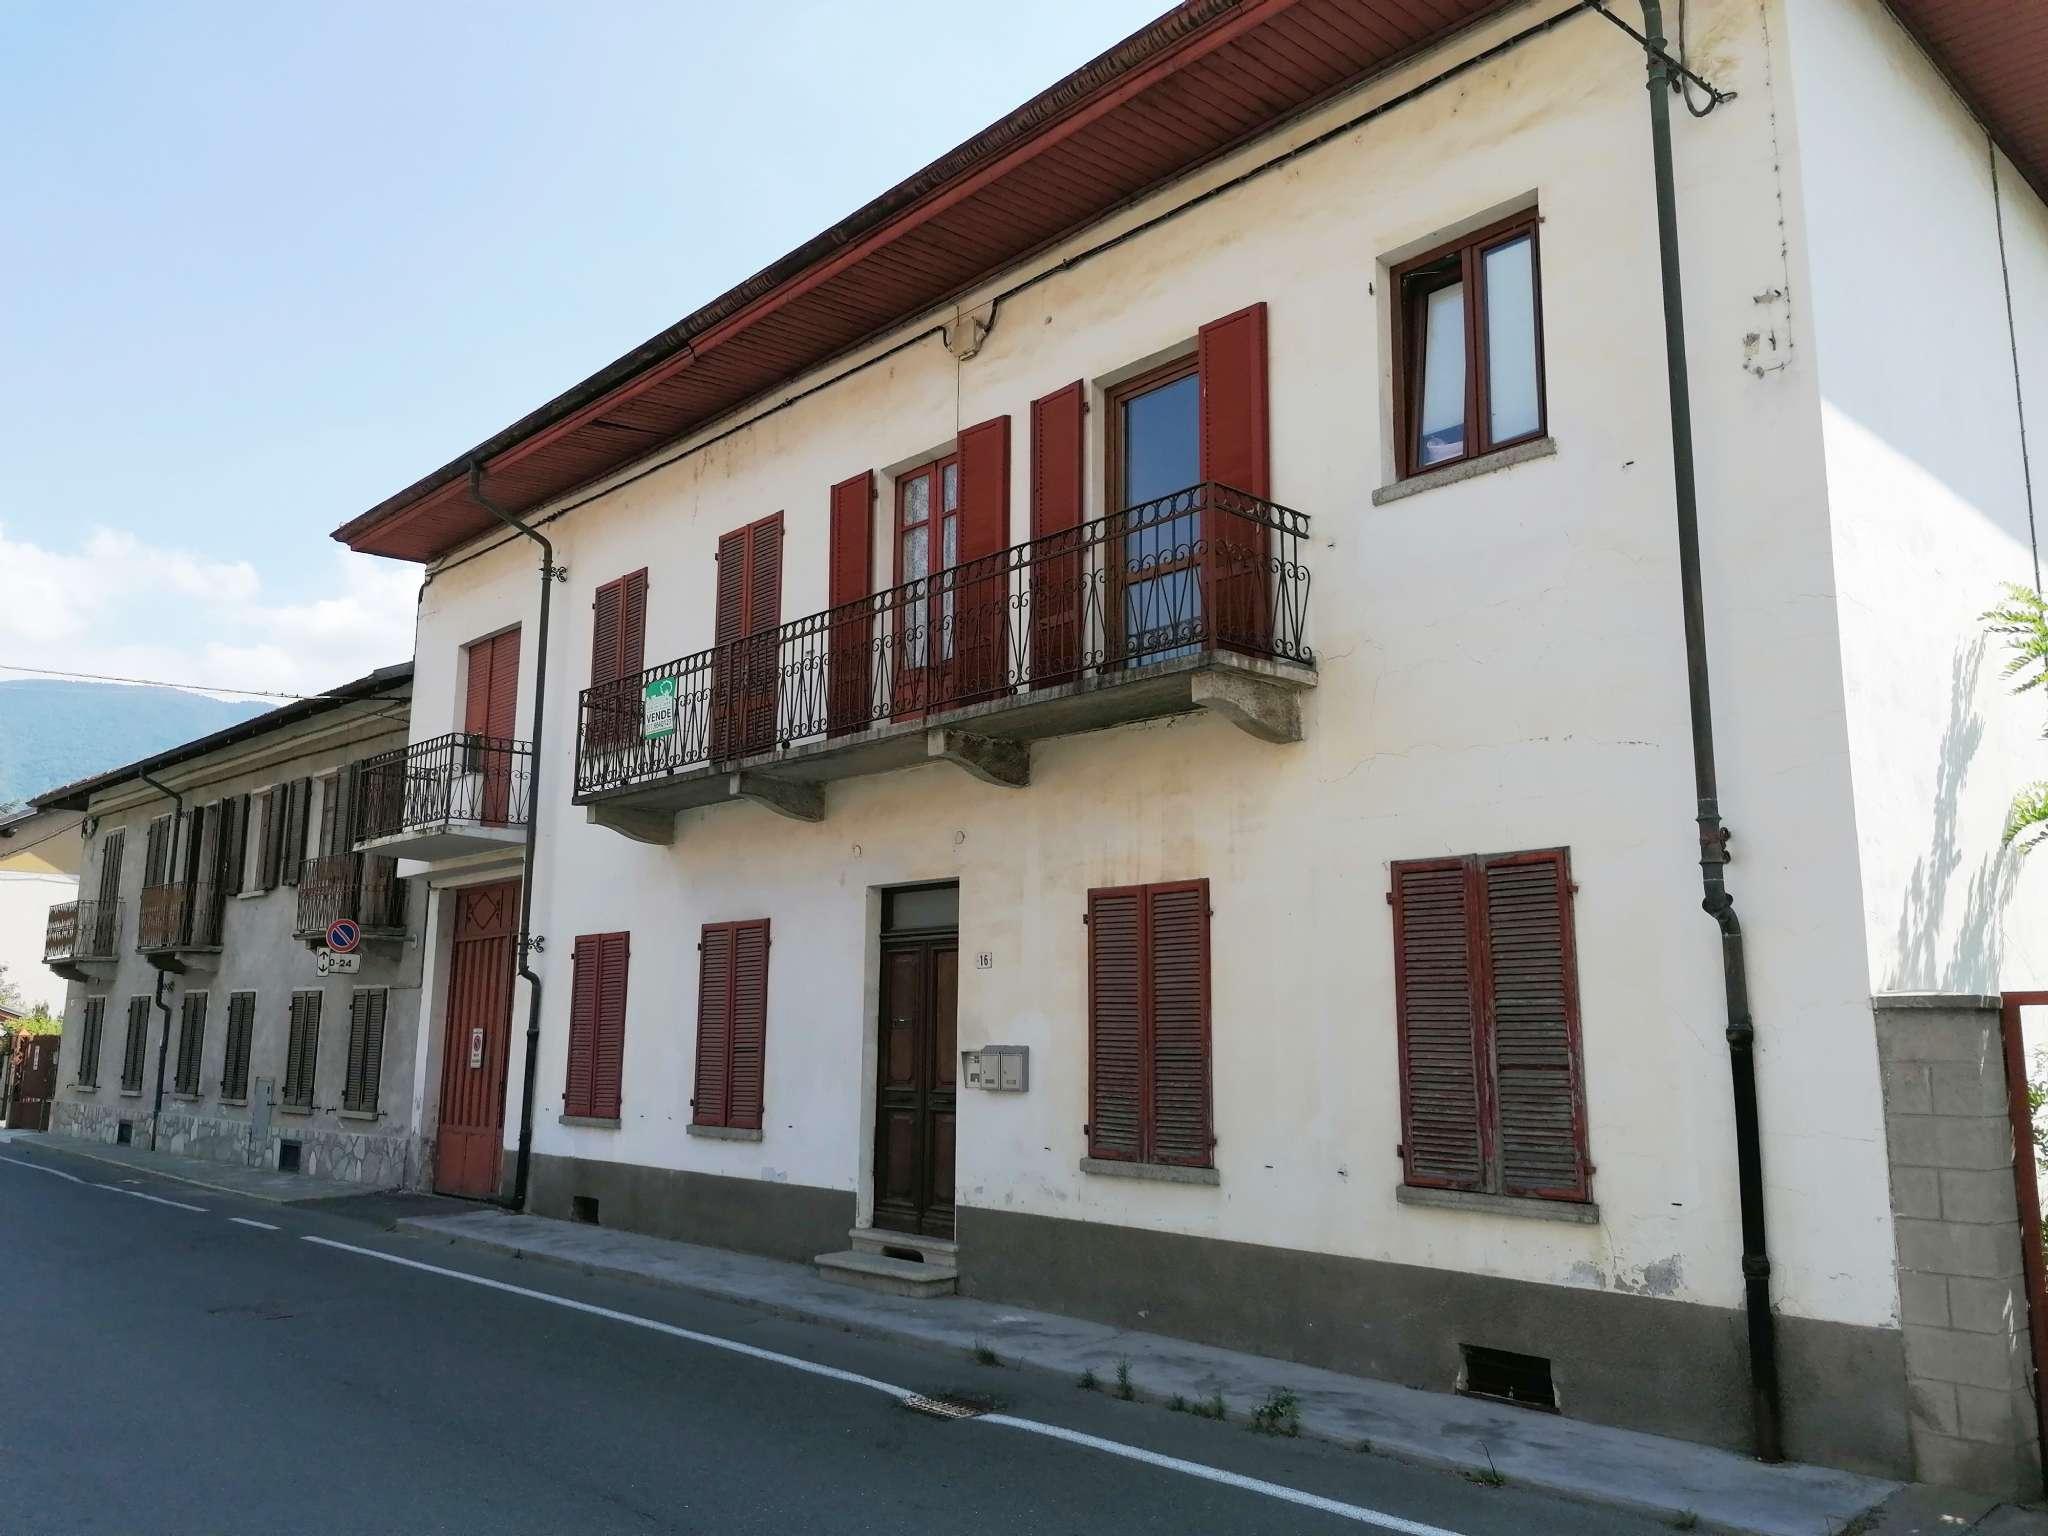 Appartamento in vendita a Borgone Susa, 3 locali, prezzo € 65.000 | PortaleAgenzieImmobiliari.it